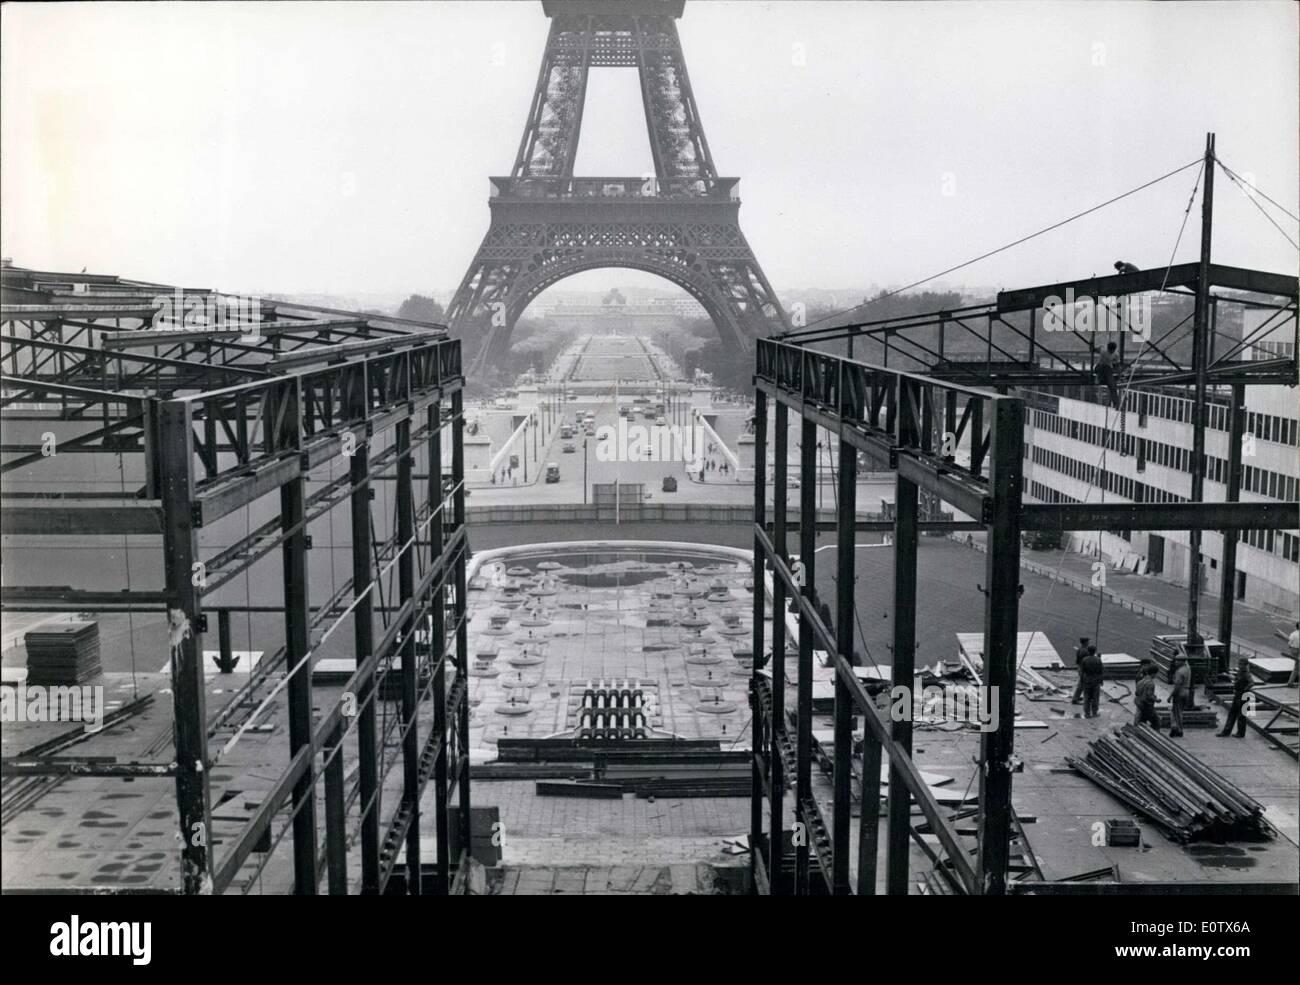 Aug. 26, 1960 - NATO Building Demolished - Stock Image